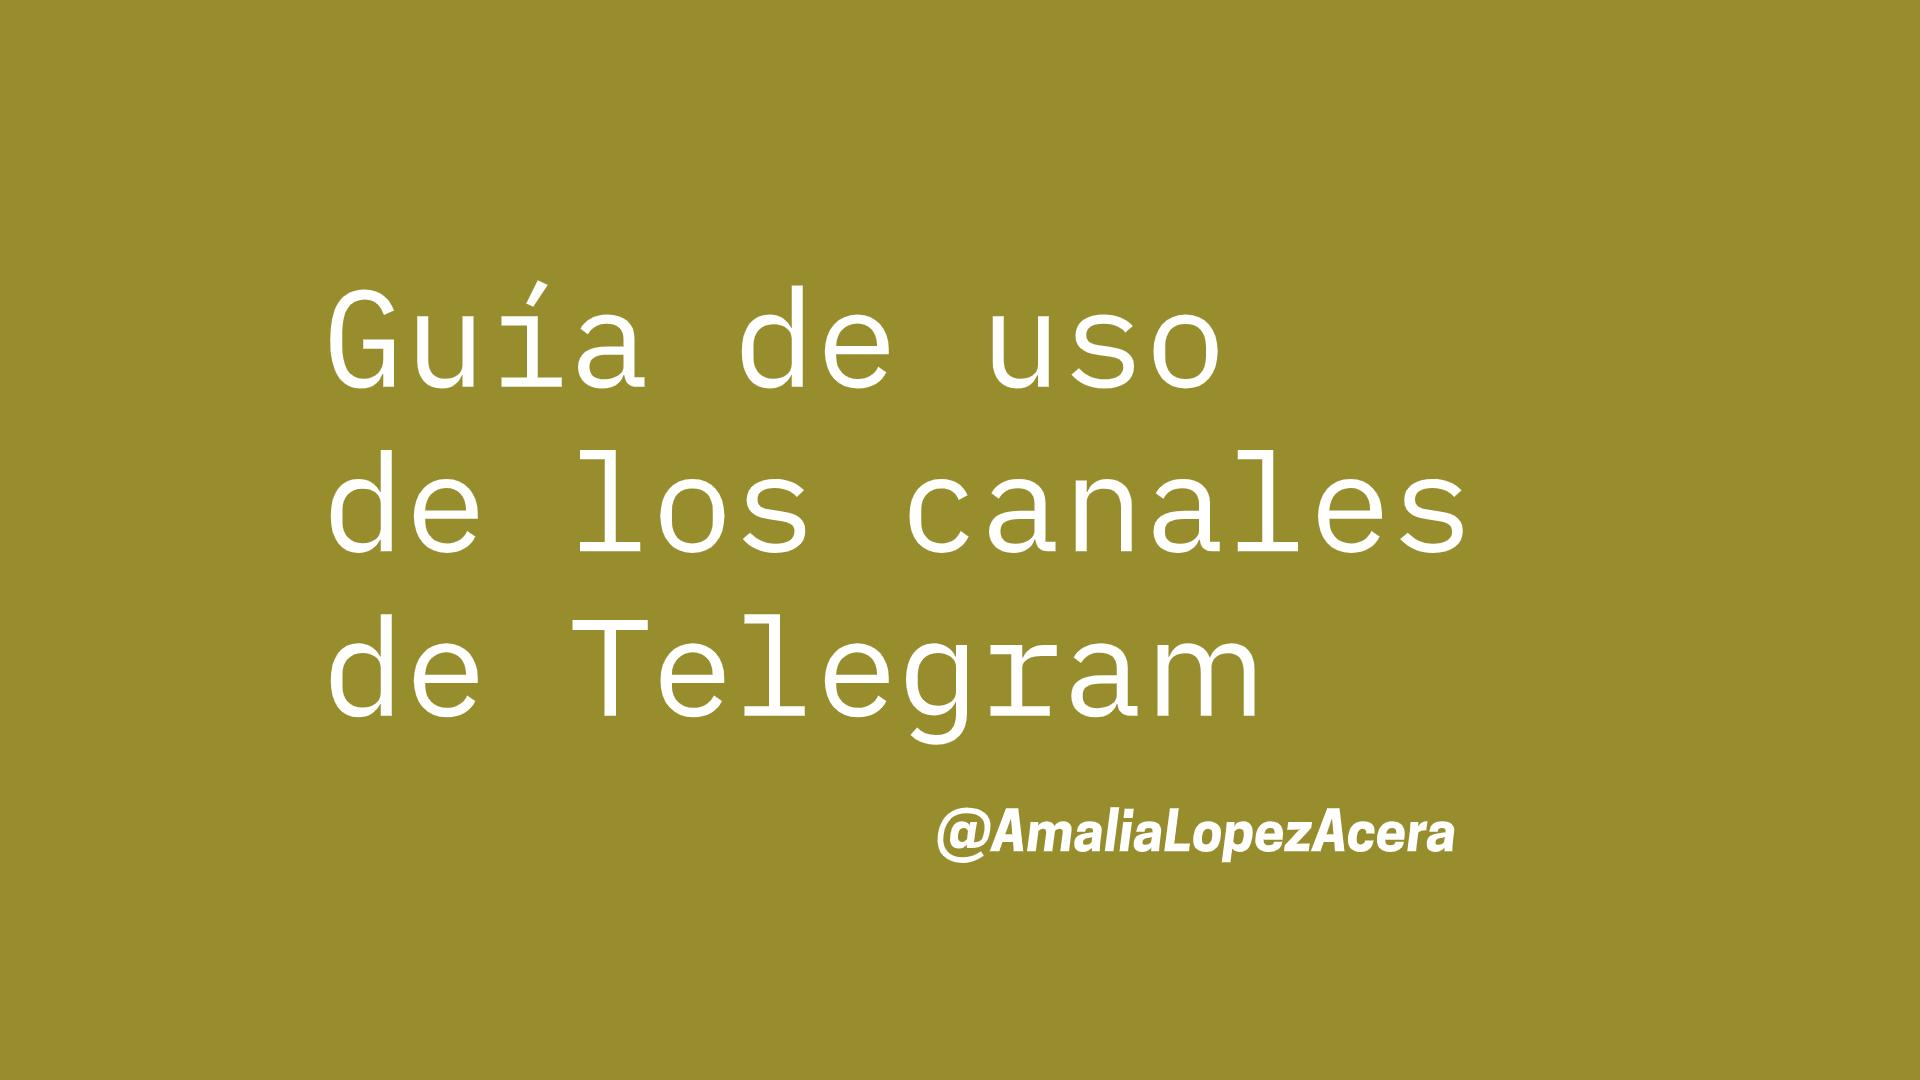 Guía de uso de los canales de Telegram